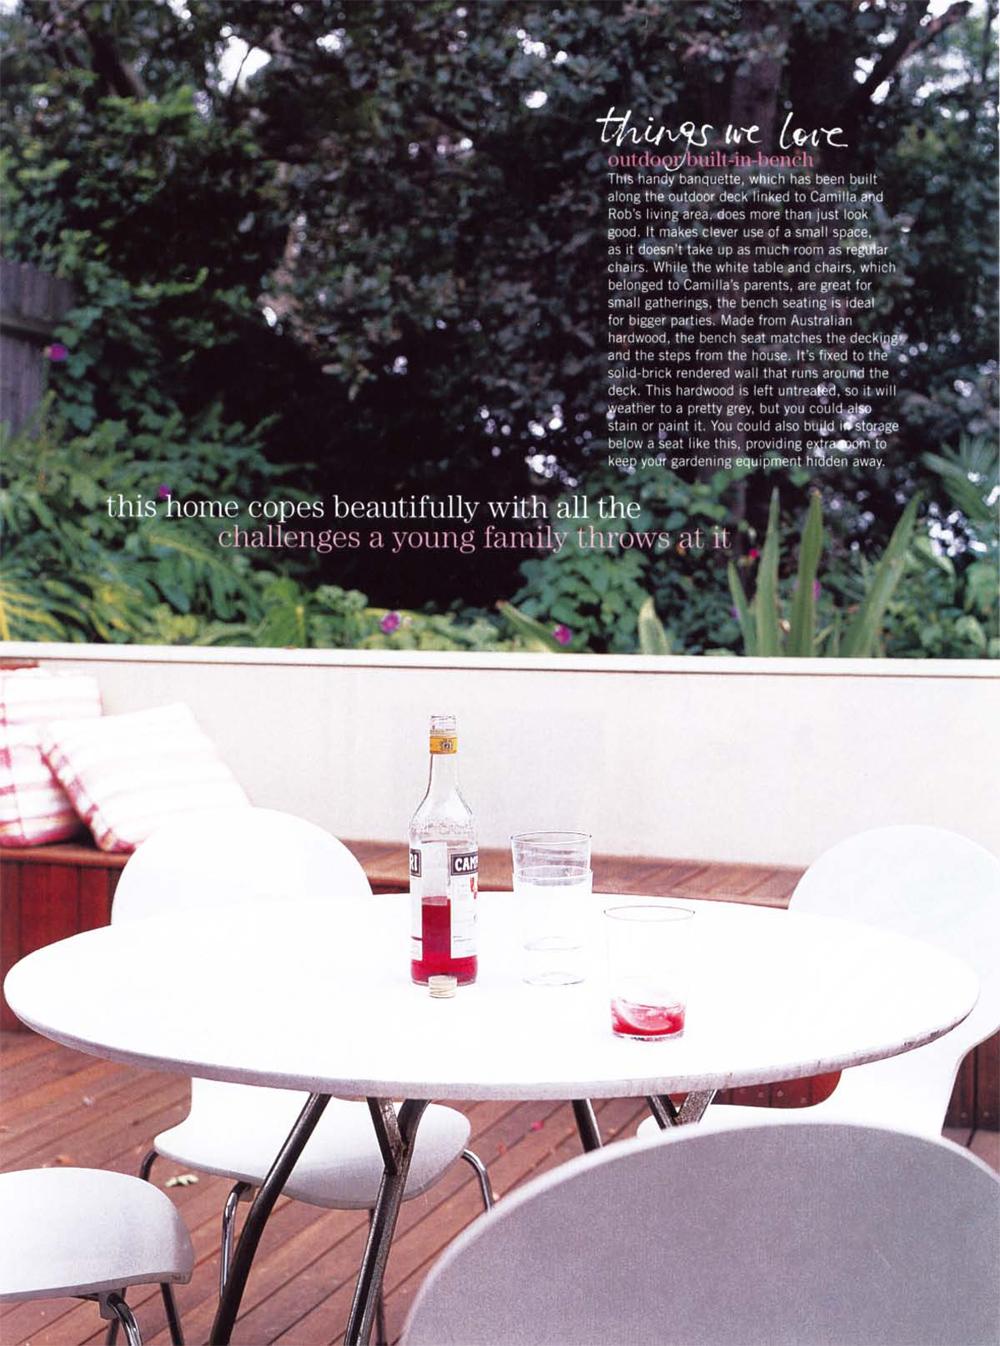 Home_Beautiful_June04_article1-9.jpg